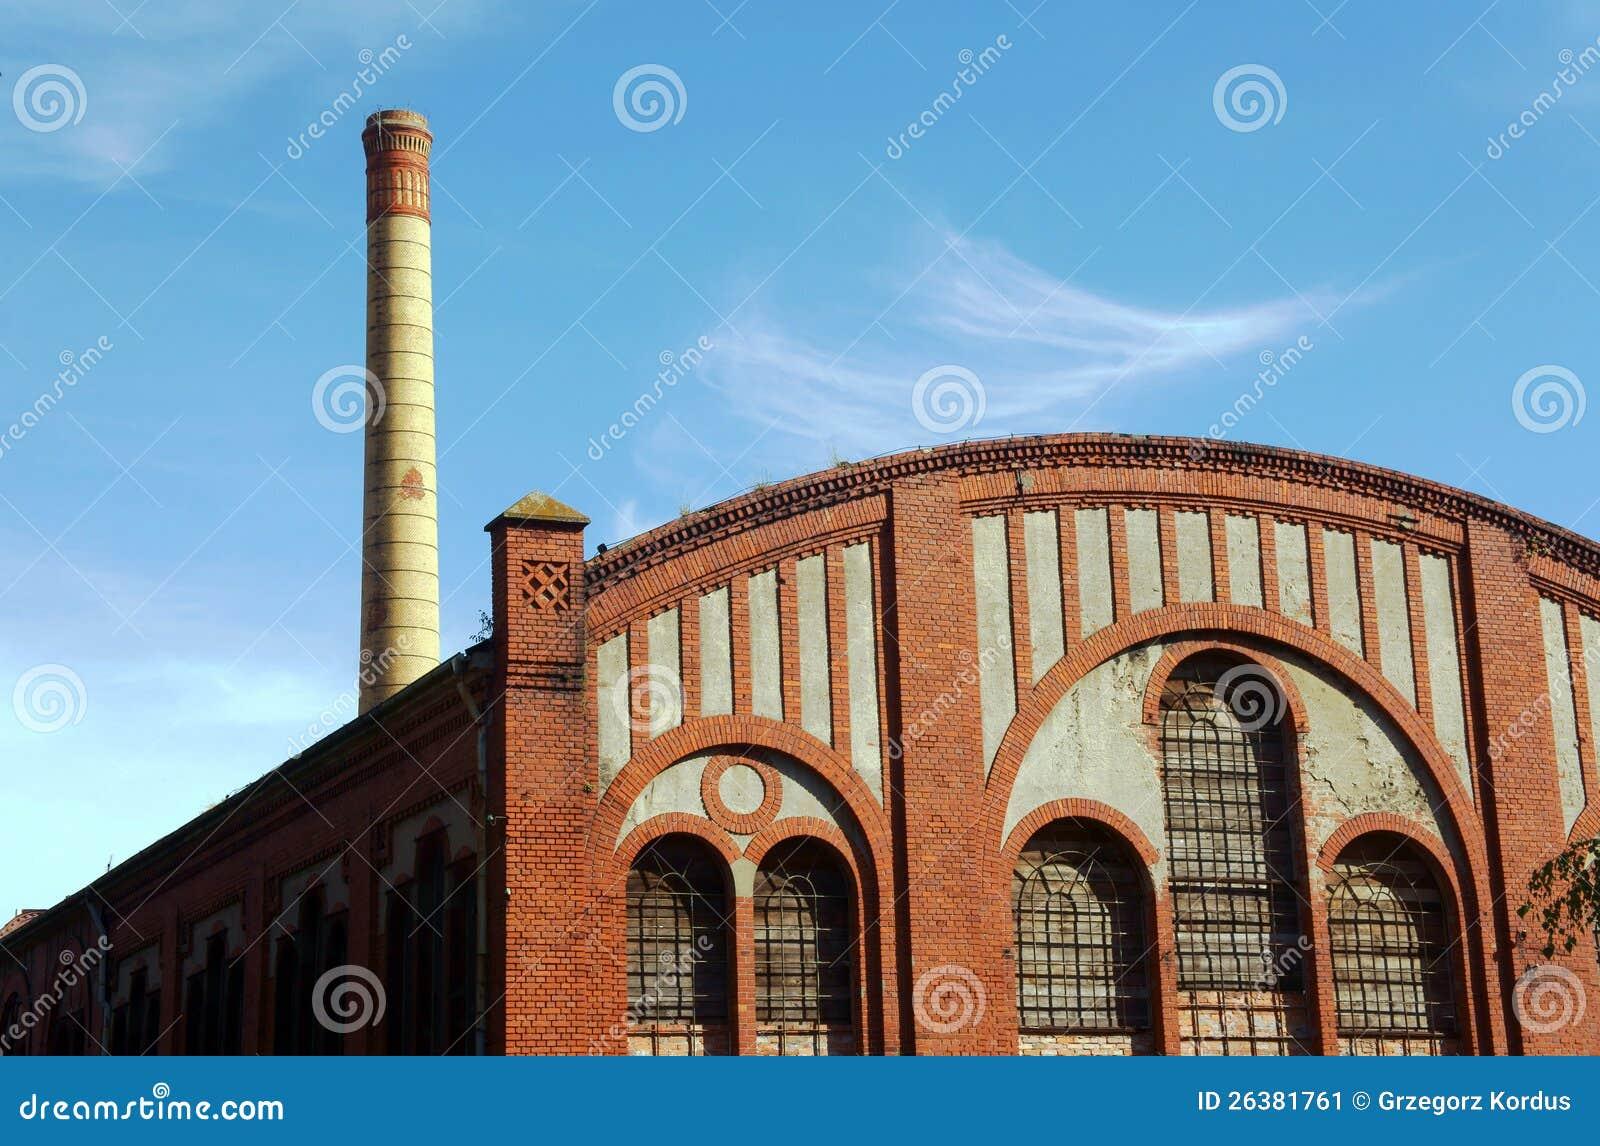 Fußboden Aus Polen ~ Fabrik fußboden und smokestack im alten gaswerk stockbild bild von